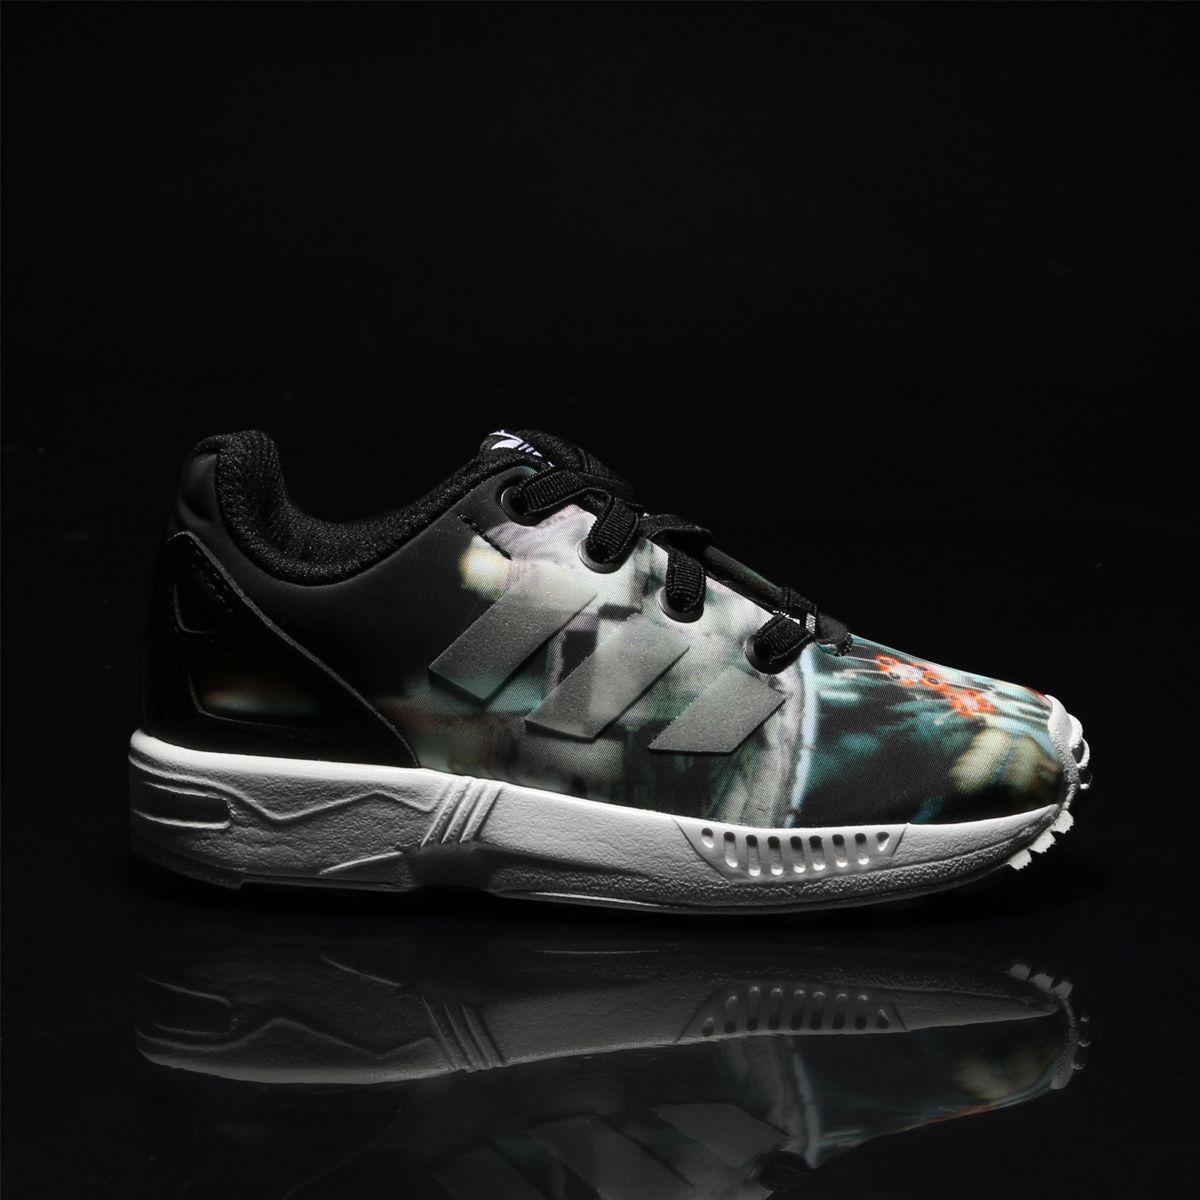 adidas men's zx flux fashion sneakers nz